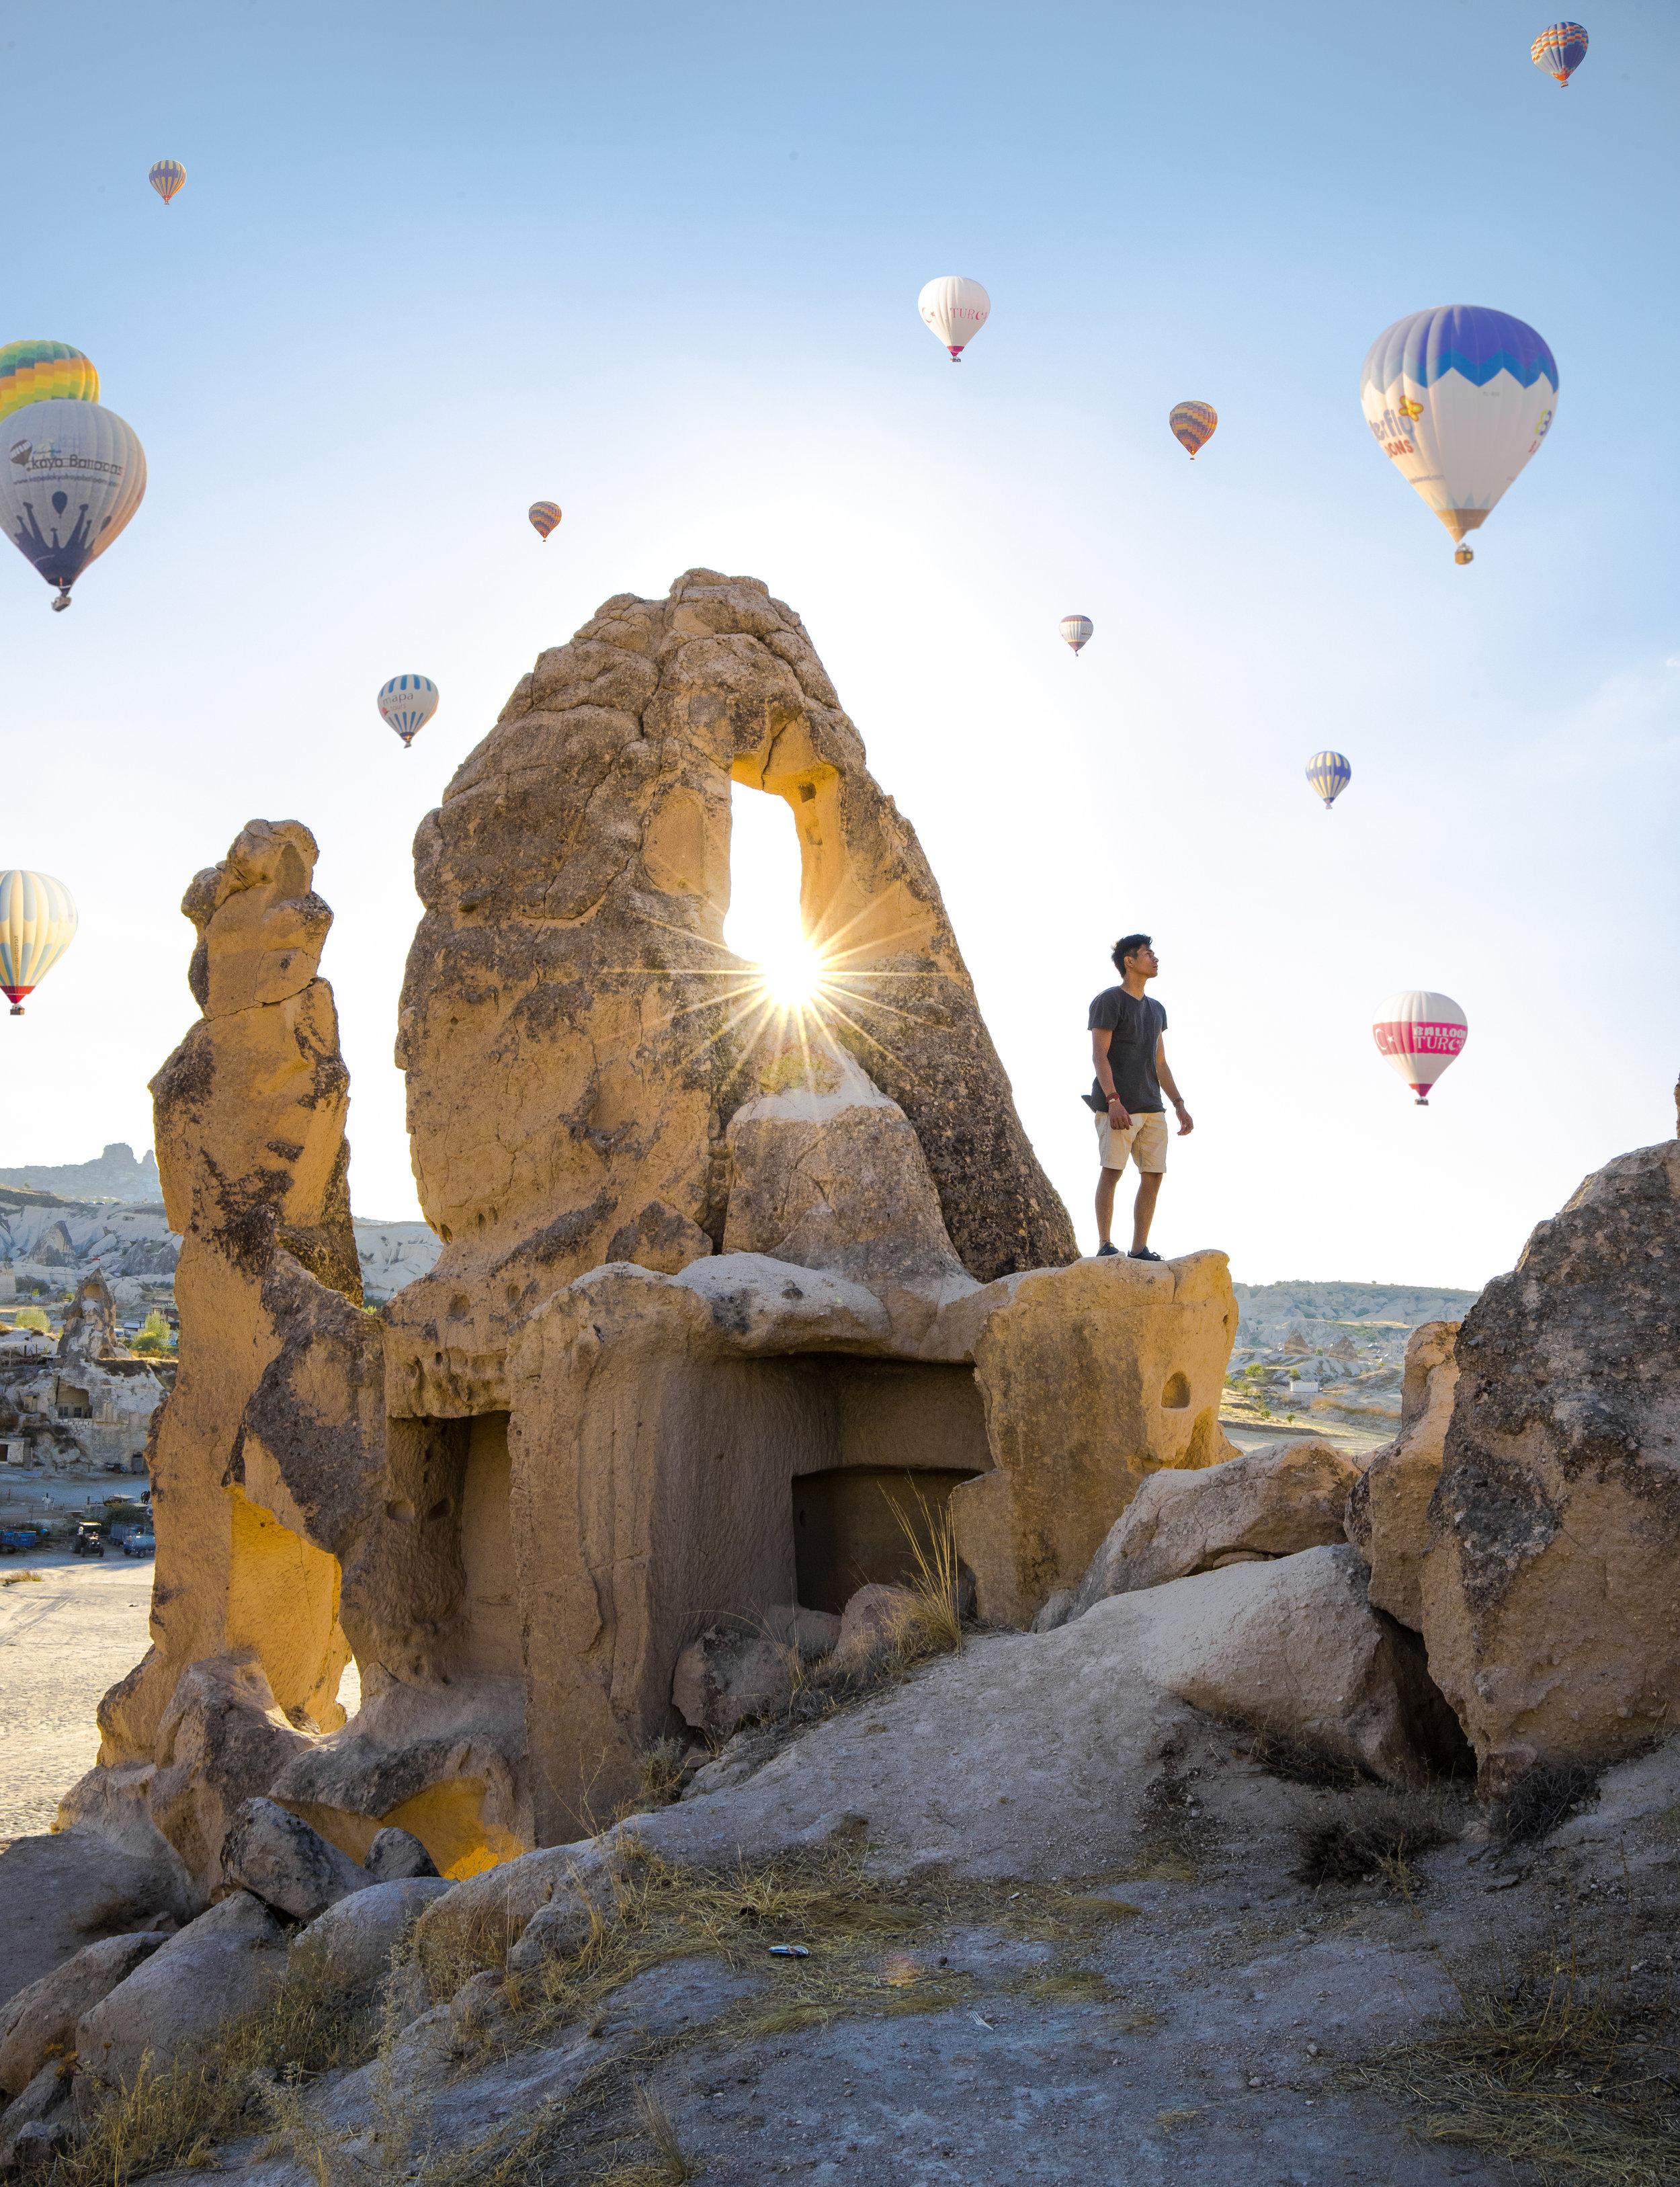 Turquía - Muy pocos países en el Mundo cuentan con tanta cultura en un solo lugar como lo tiene Turquía. Desde la electrizante Estambul, una ciudad que nunca duerme. Hasta un viaje en globo por Cappadocia, que les regalará a ambos un momento único. Turquía lo tiene todo en un solo país. Explora Estambul con el corazón abierto. Esta ciudad, muy barata, será un parada excepcional para la aventura. Luego escápate a Cappadocia y Pamukkale, aquí podrás dejar fluir el romanticismo y aprovechar y tomar tiempo para dejarle saber a tu pareja cuán importante es tu relación y cuánto estás dispueto a luchar por ella.